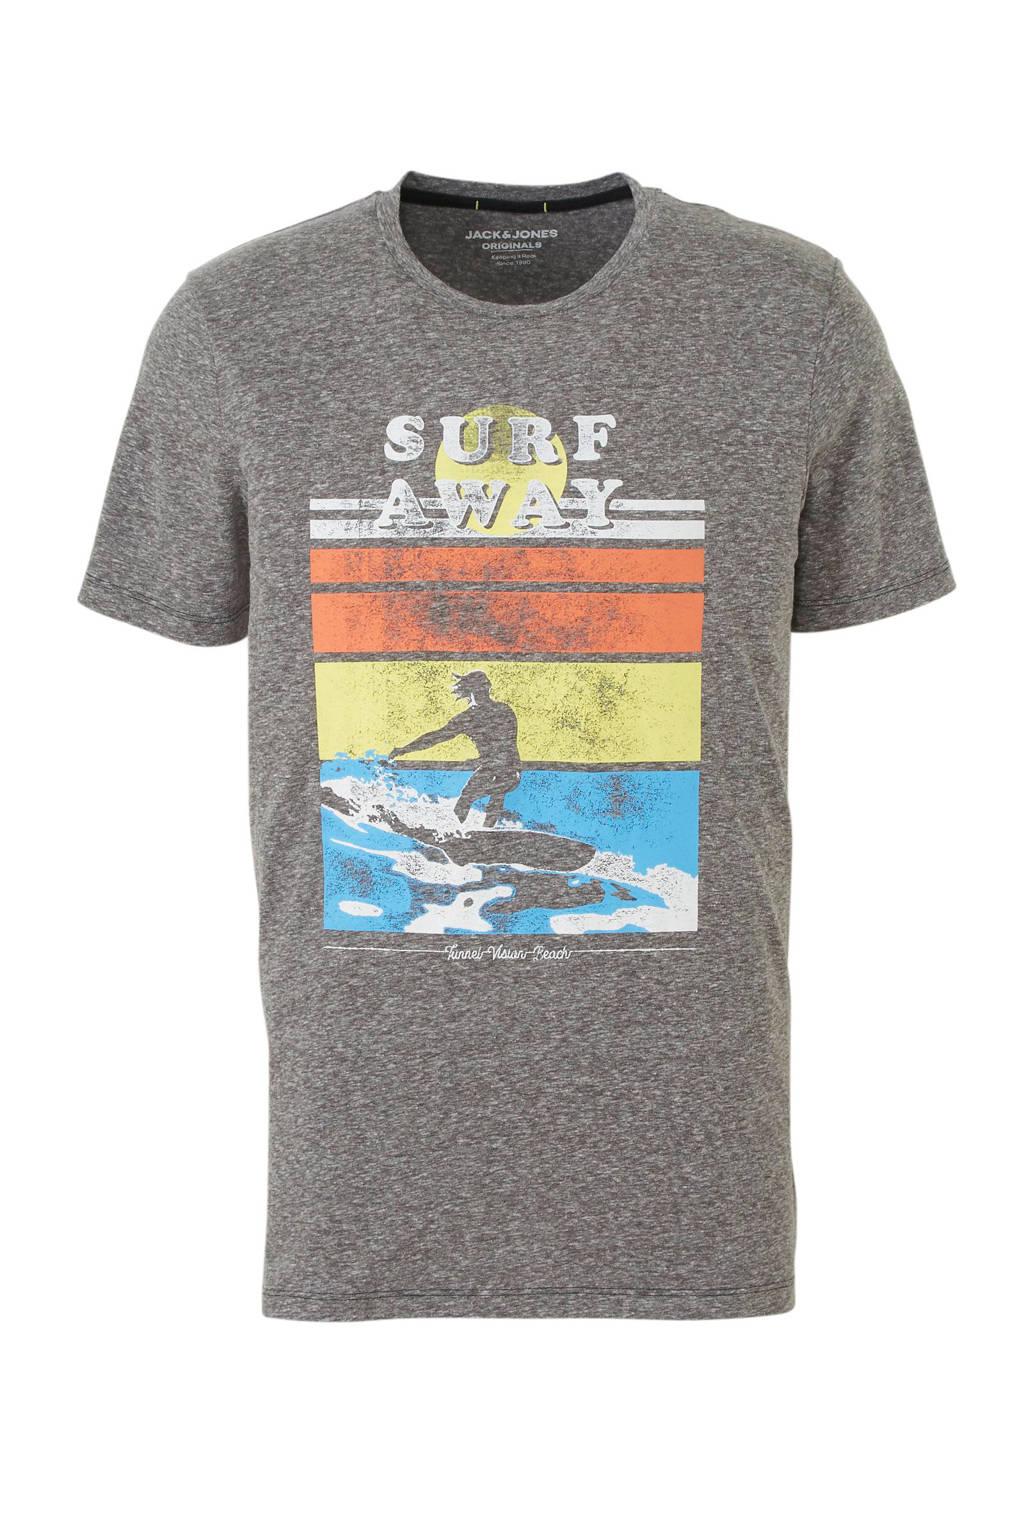 Jack & Jones Originals gemêleerd T-shirt met printopdruk, Grijs